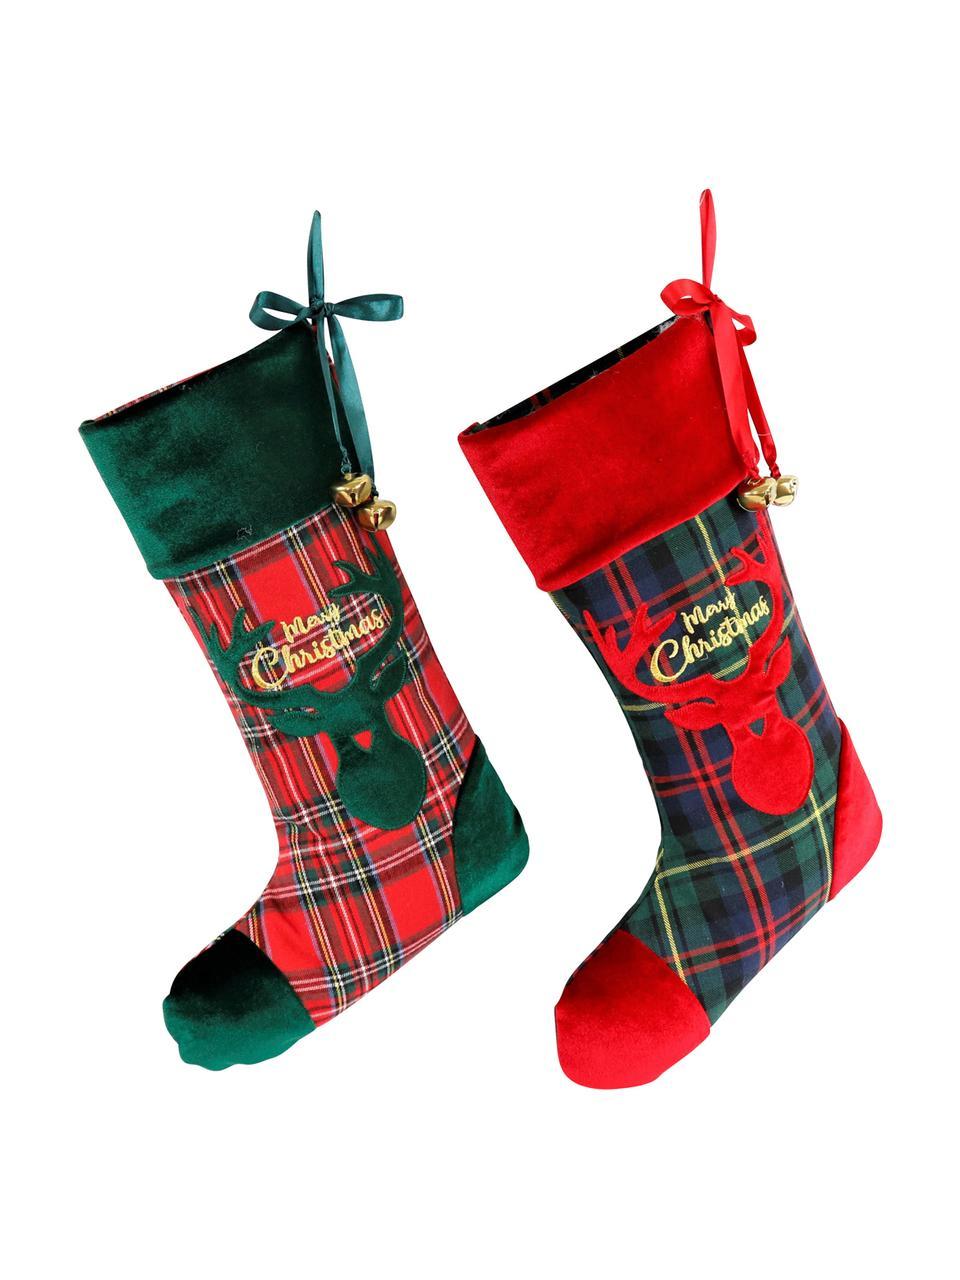 Komplet dekoracji Merry Christmas, 2 elem., Poliester, bawełna, Zielony, czerwony, czarny, S 26 x D 47 cm